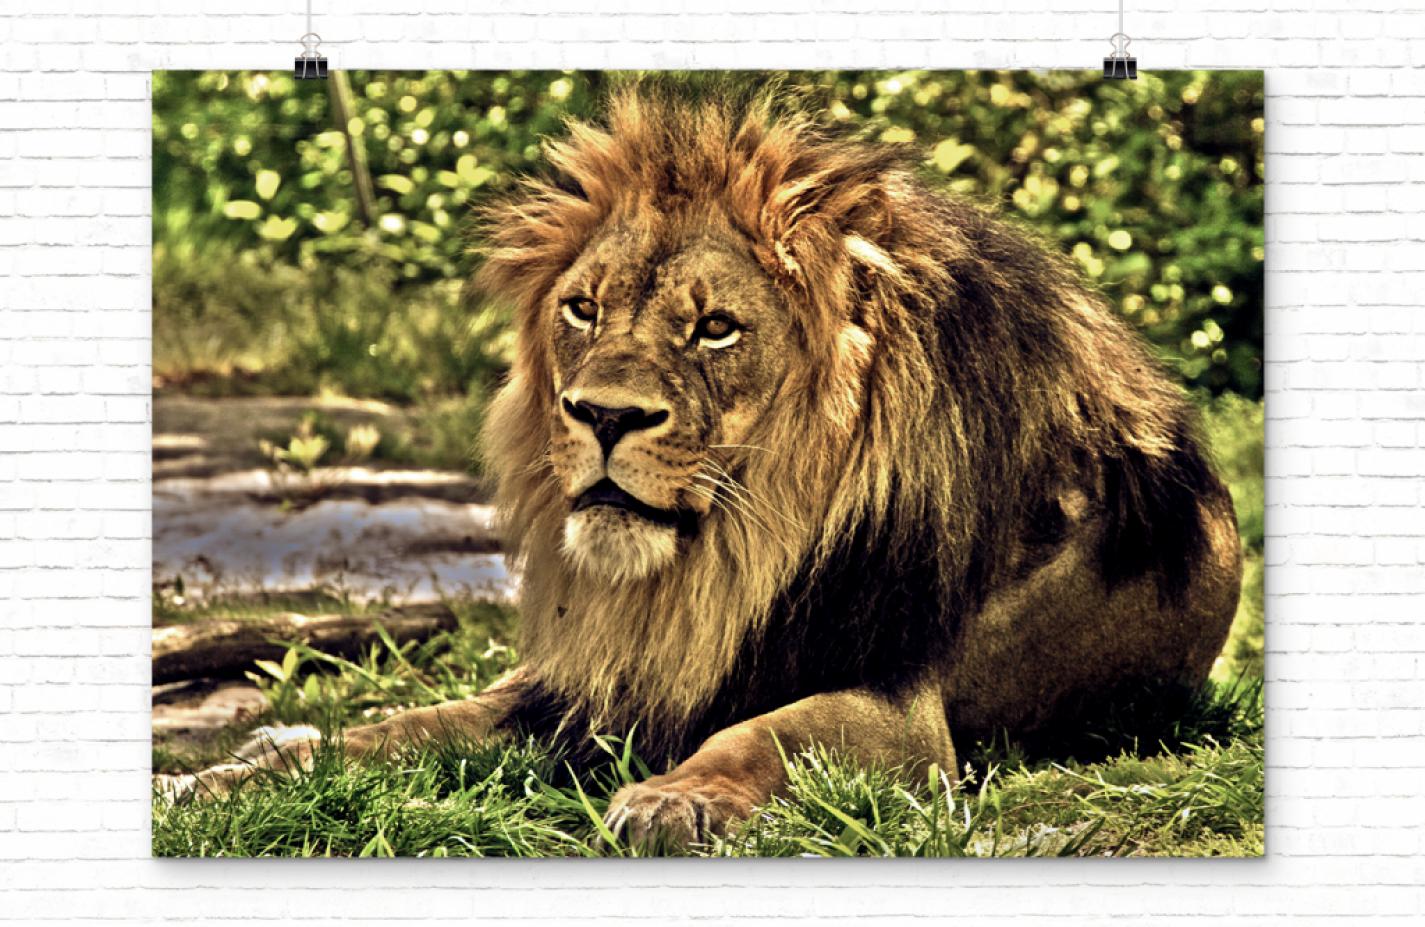 oliver-rios-lion-slider-banner-1